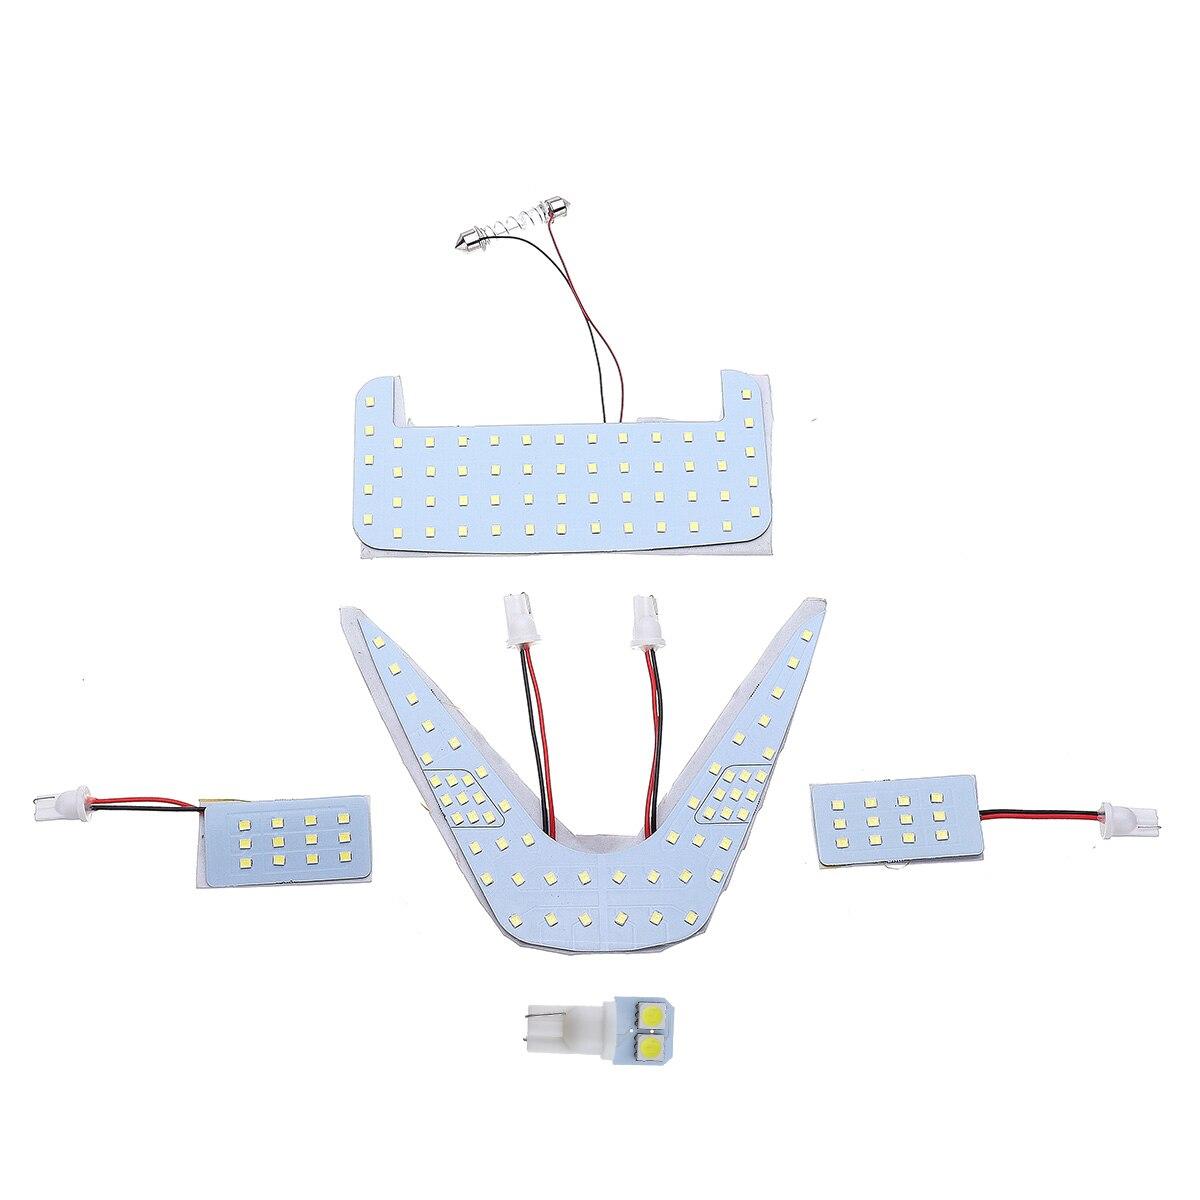 bianca Luce di lettura per auto universale LED Lampada per illuminazione di tetto per interni Luce magnetica per auto a LED